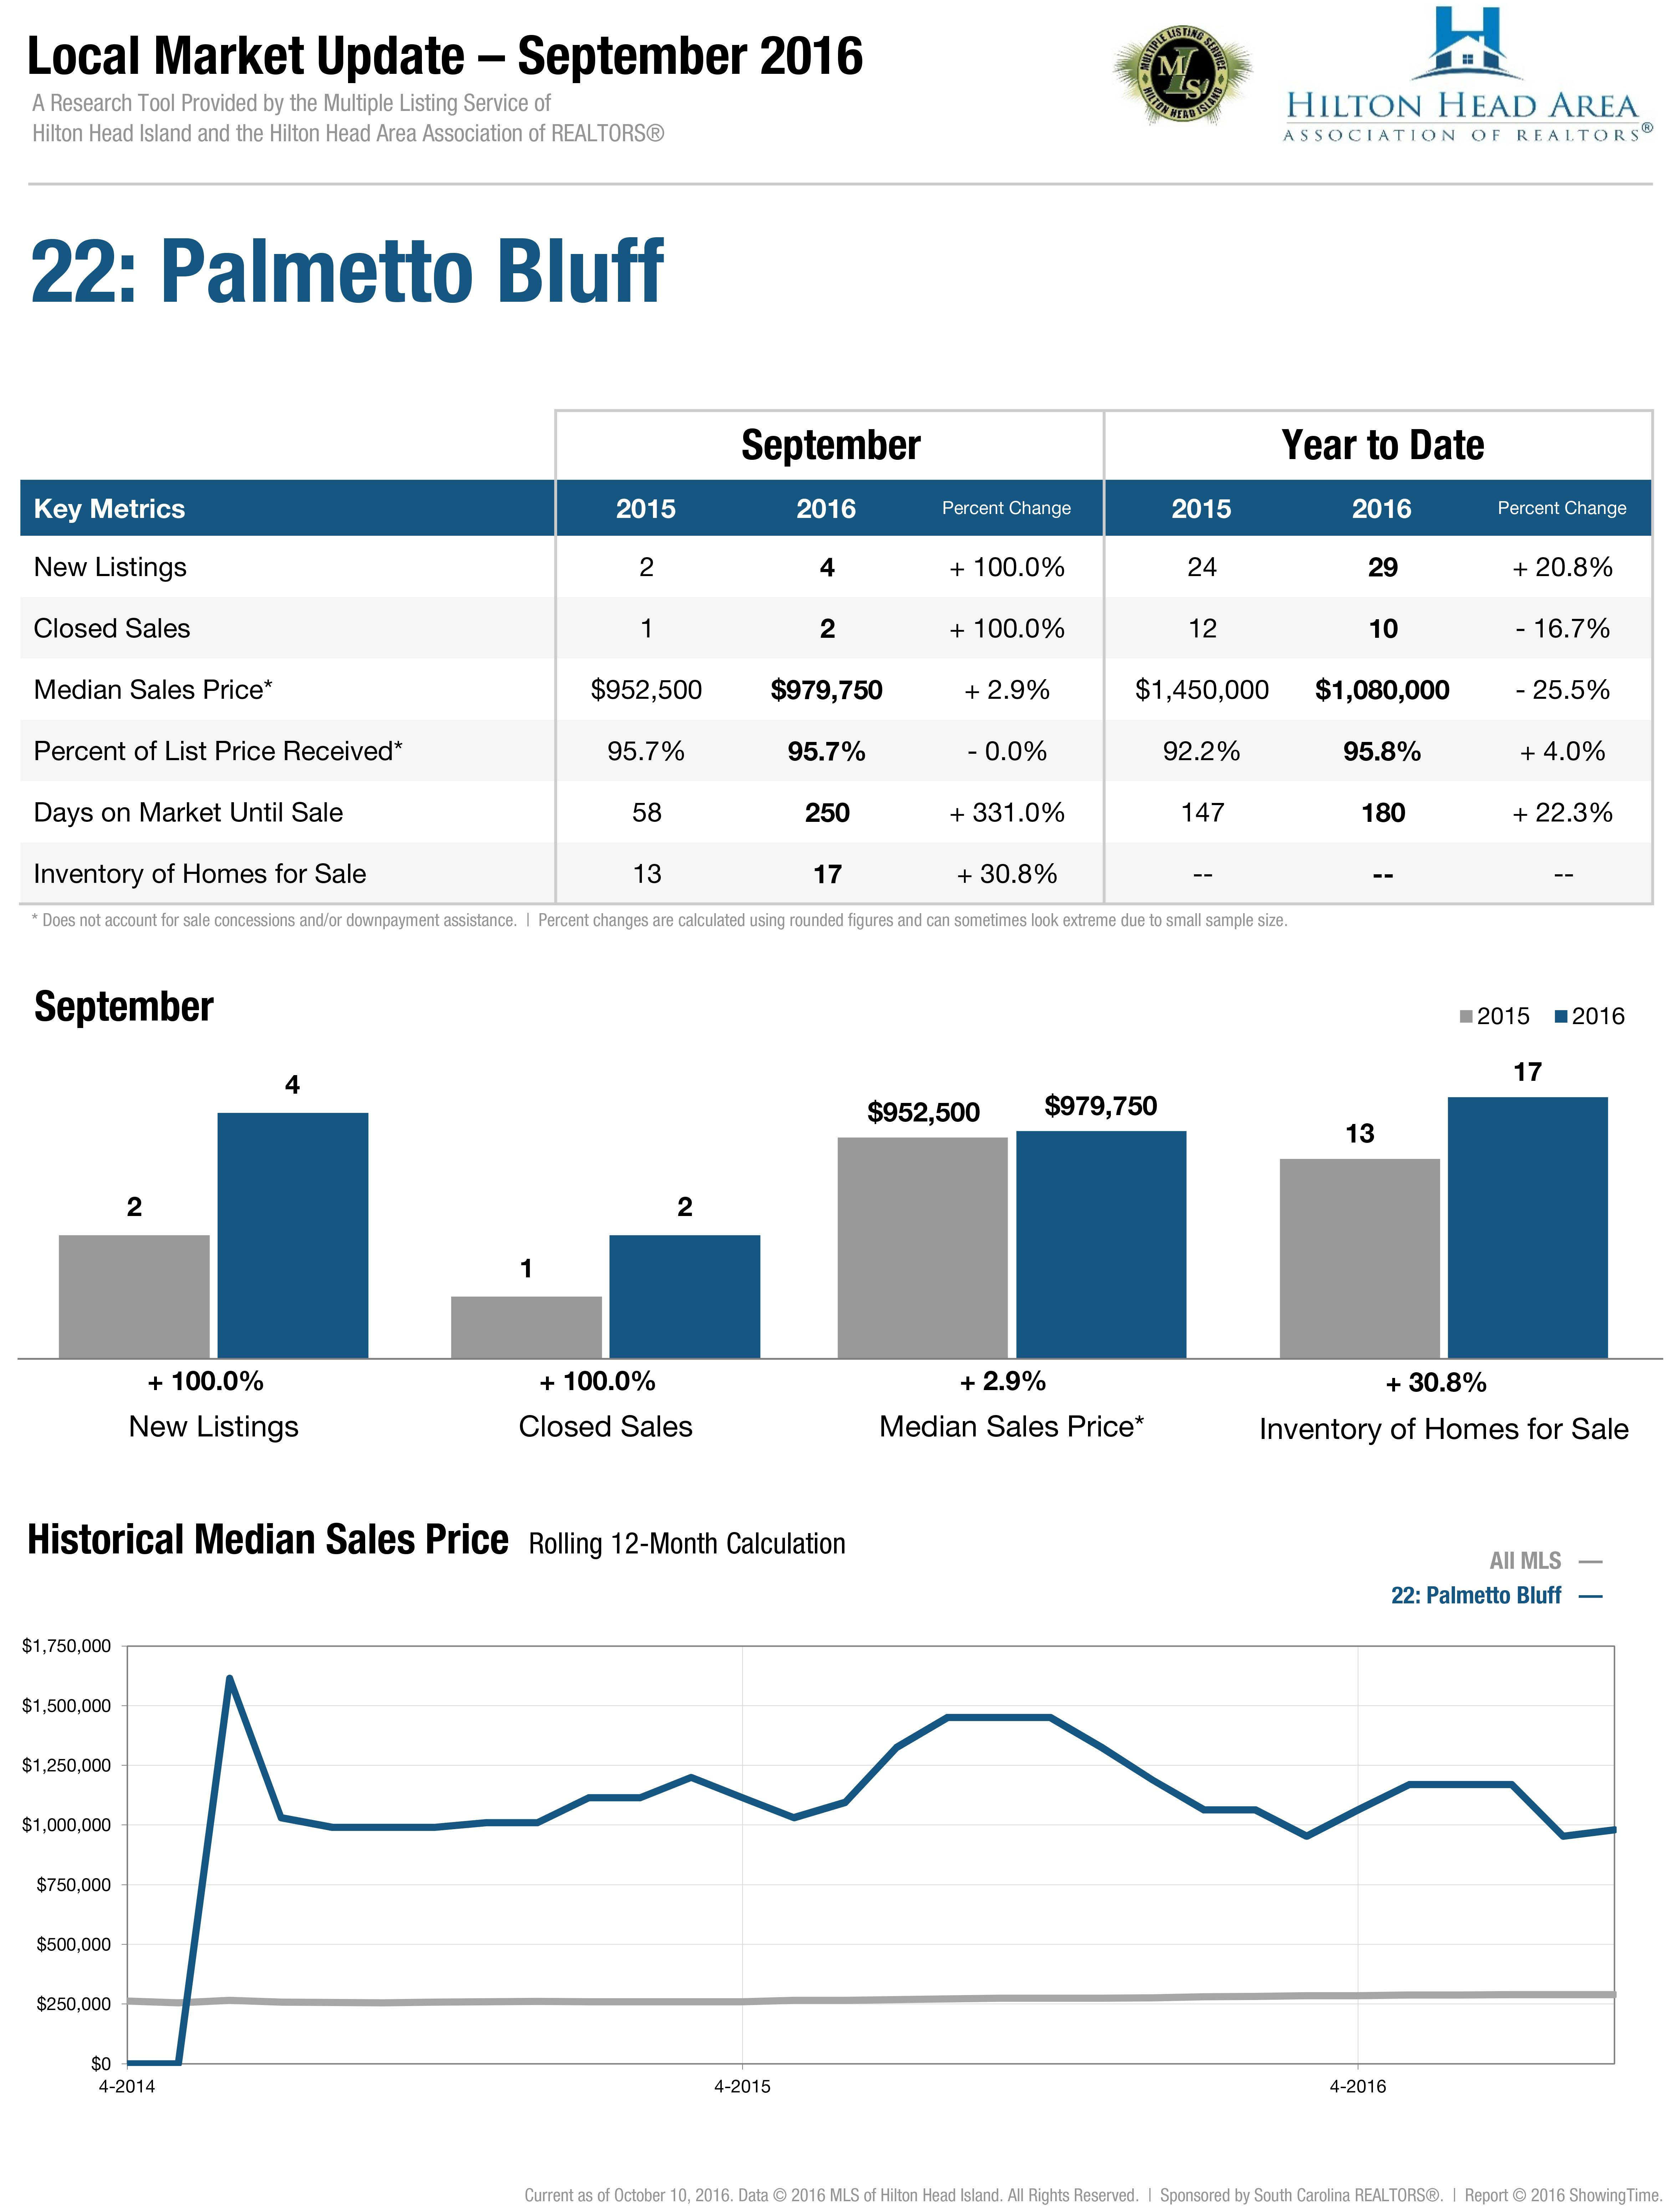 22: Palmetto Bluff